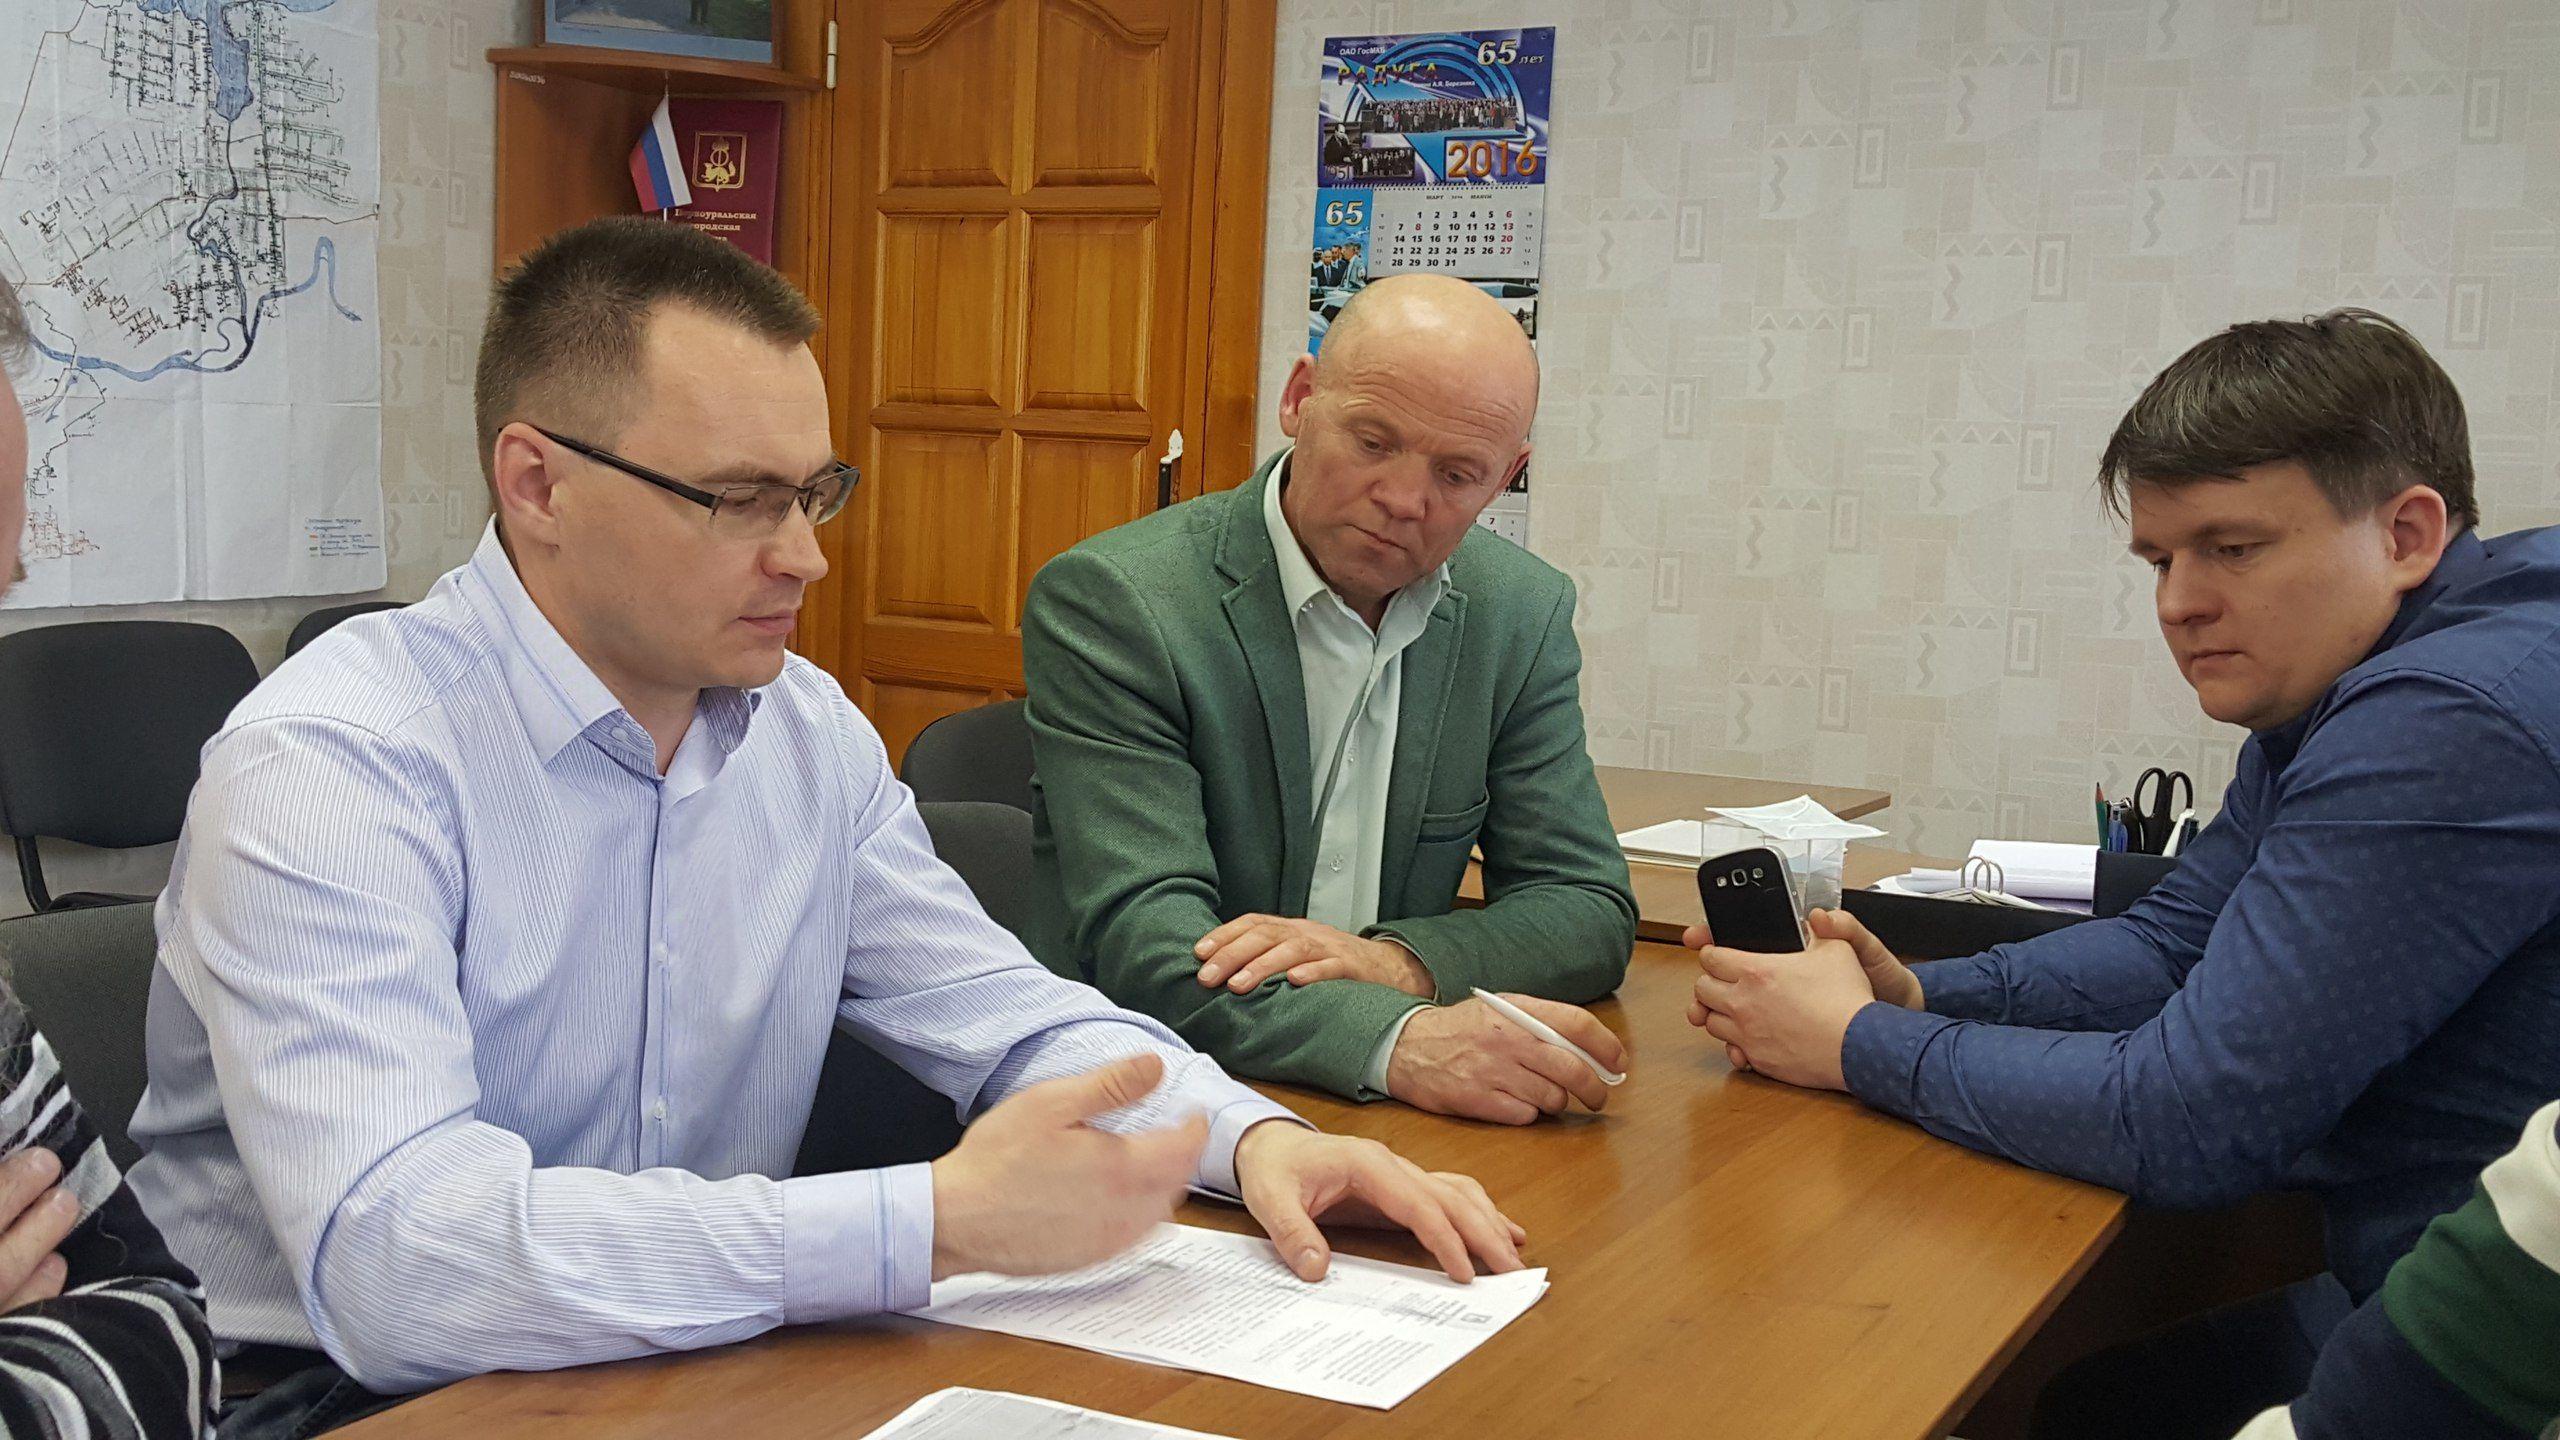 Станислав Анфиногенов (слева), Александр Гильденмайстер (в центре) и Станислав Могила Фото Светланы Колесниковой